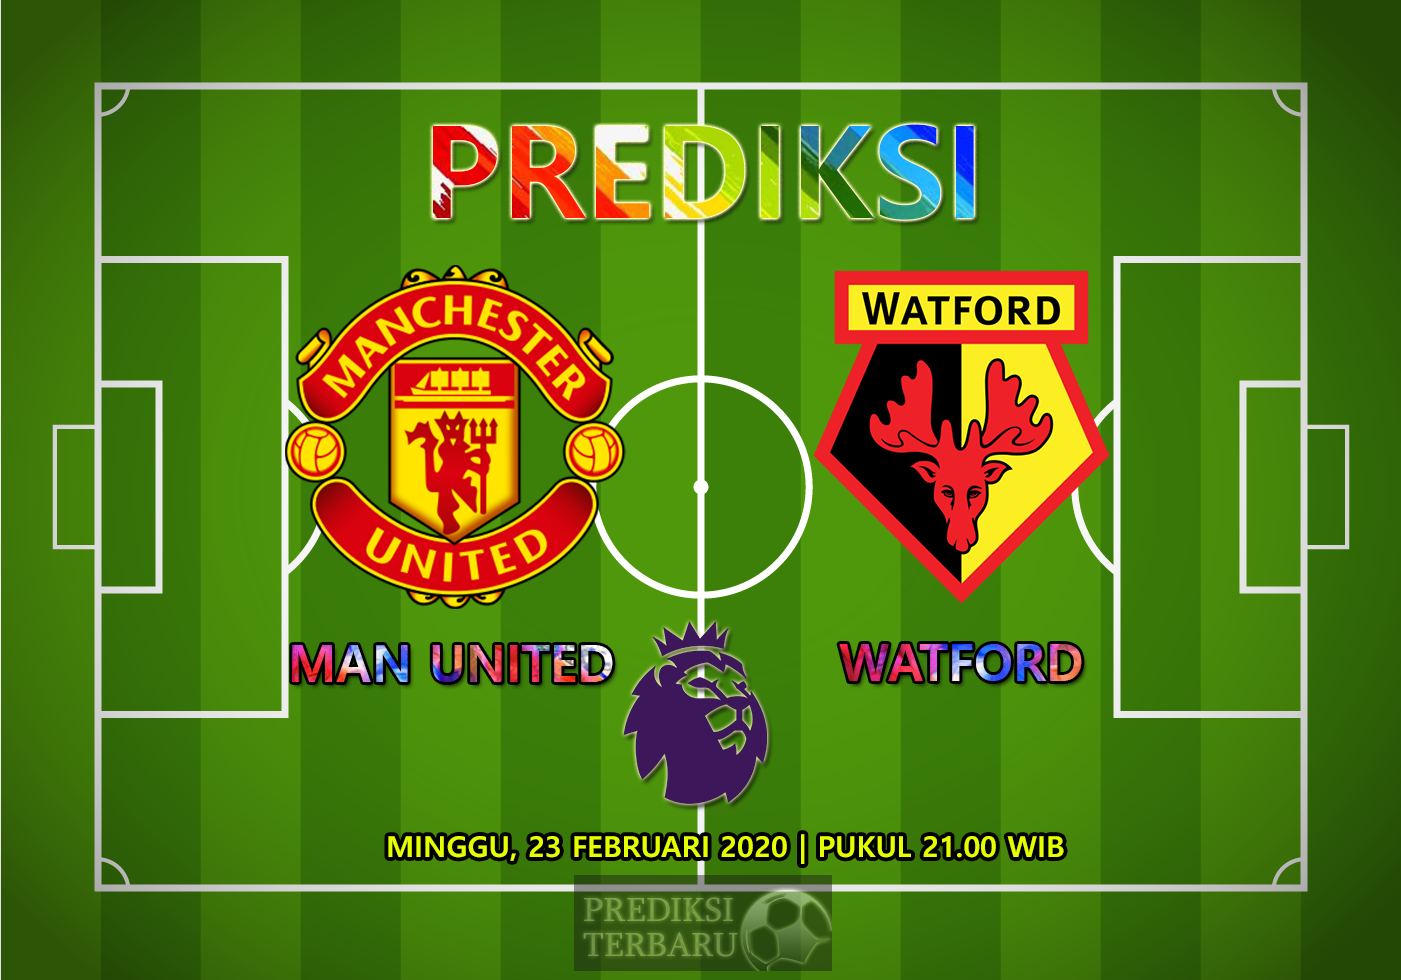 Prediksi Manchester United Vs Watford, Minggu 23 Februari